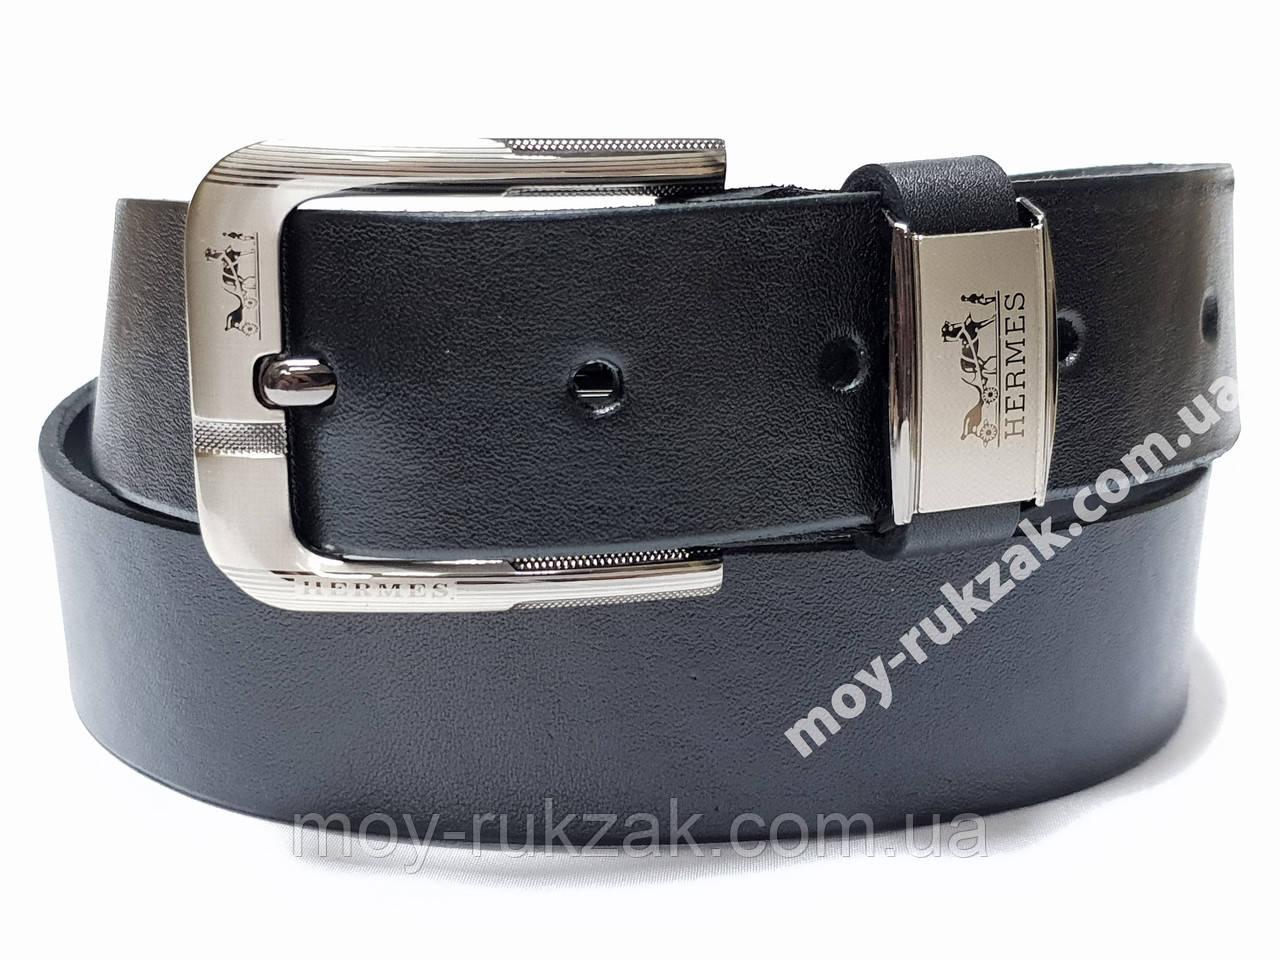 Ремень мужской кожаный Hermes 40 мм., реплика арт. 930665